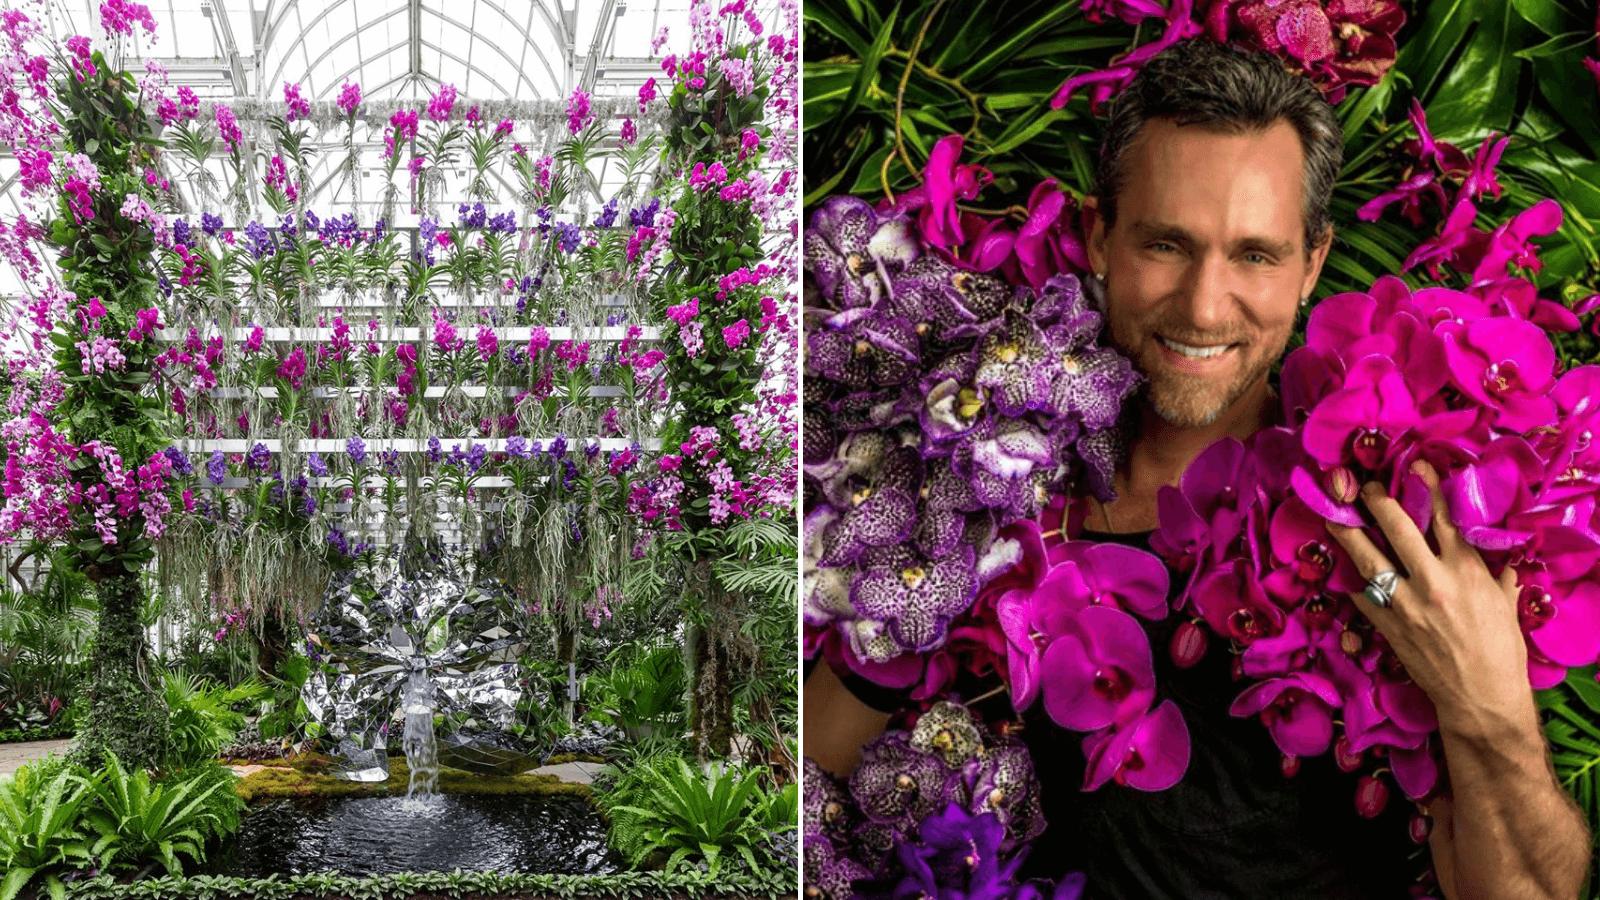 Jardín Botánico de Nueva York presenta su exhibición anual de orquídeas